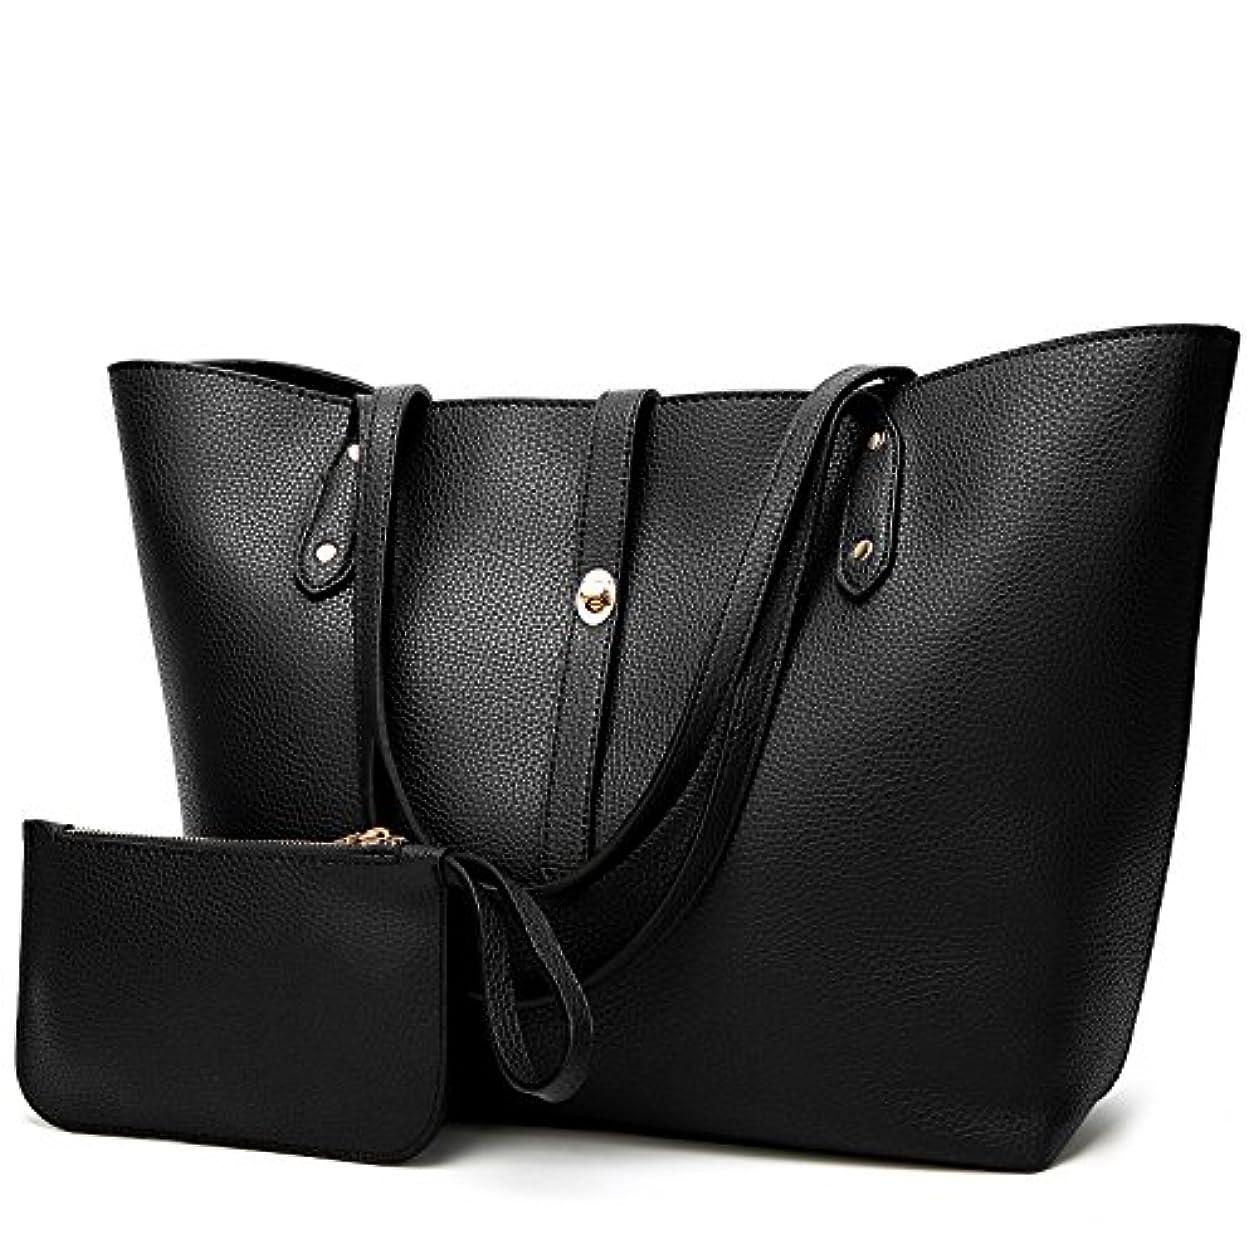 ゴール早くどういたしまして[TcIFE] ハンドバッグ レディース トートバッグ 大容量 無地 ショルダーバッグ 2way 財布とハンドバッグ